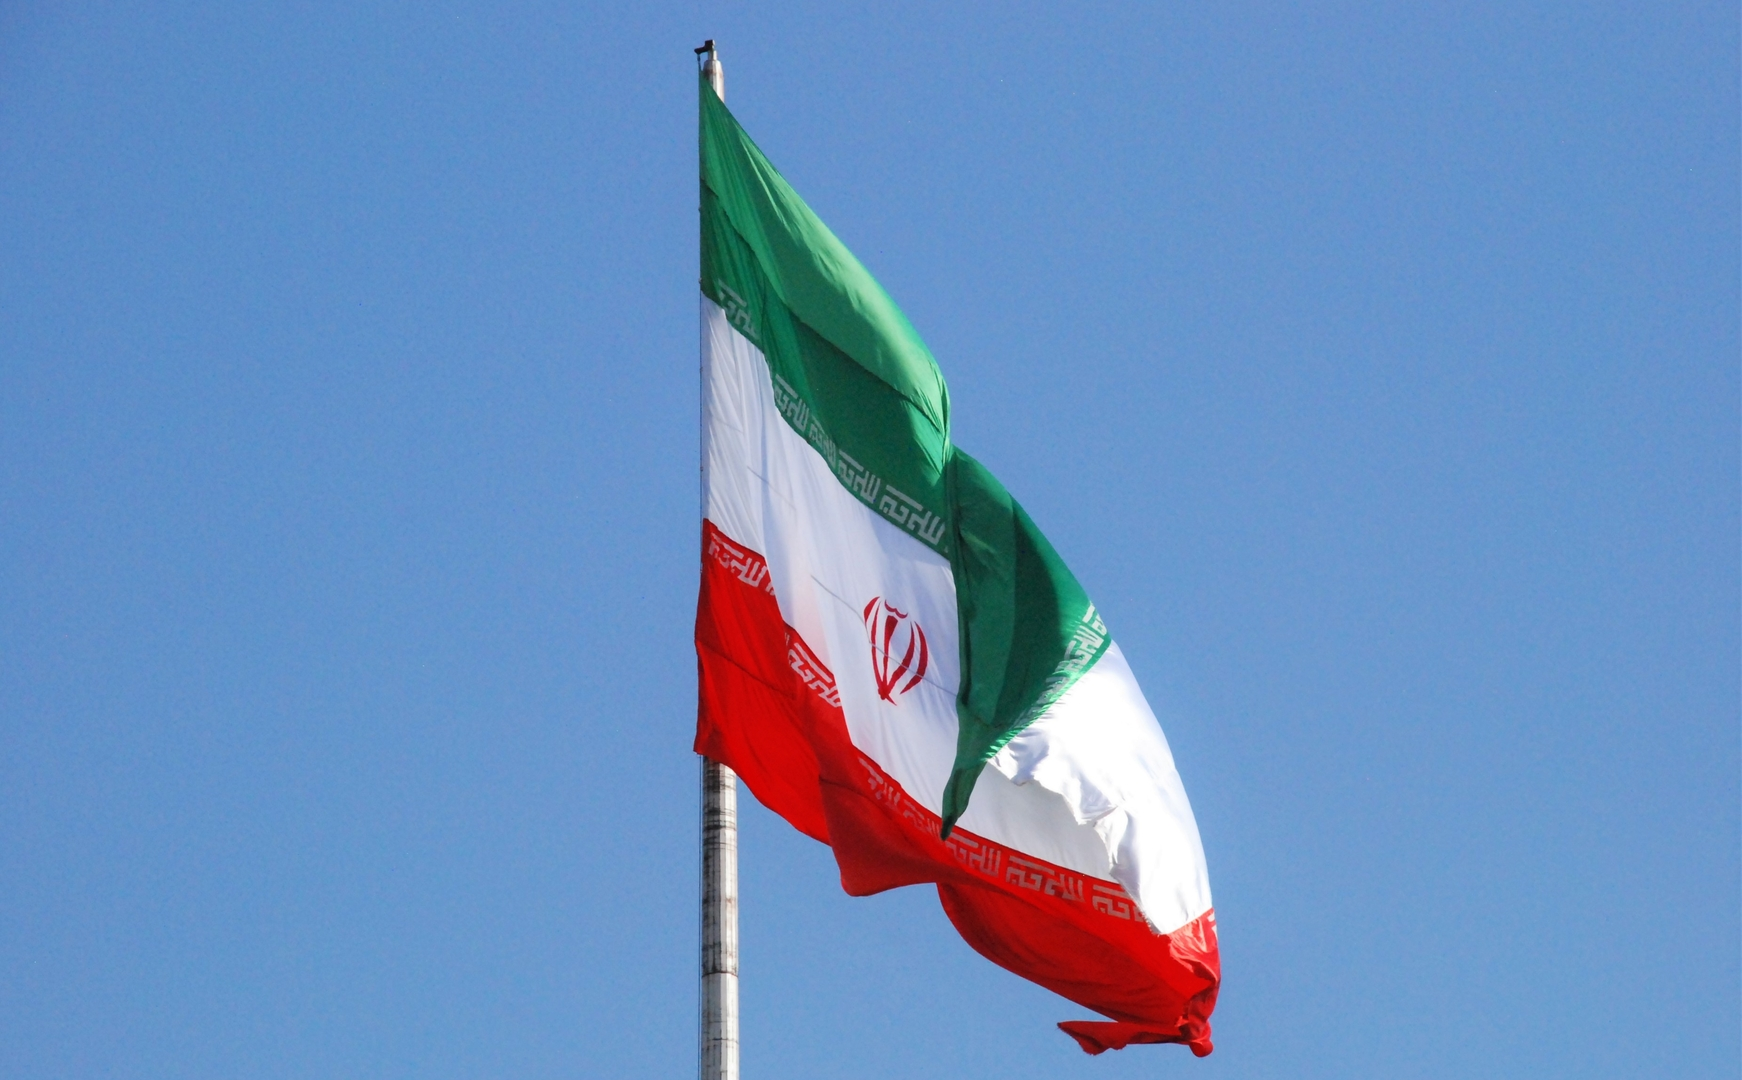 Iran: Vi har skærpet sikkerheden på vores atomfaciliteter, og inspektører har tilpasset sig det